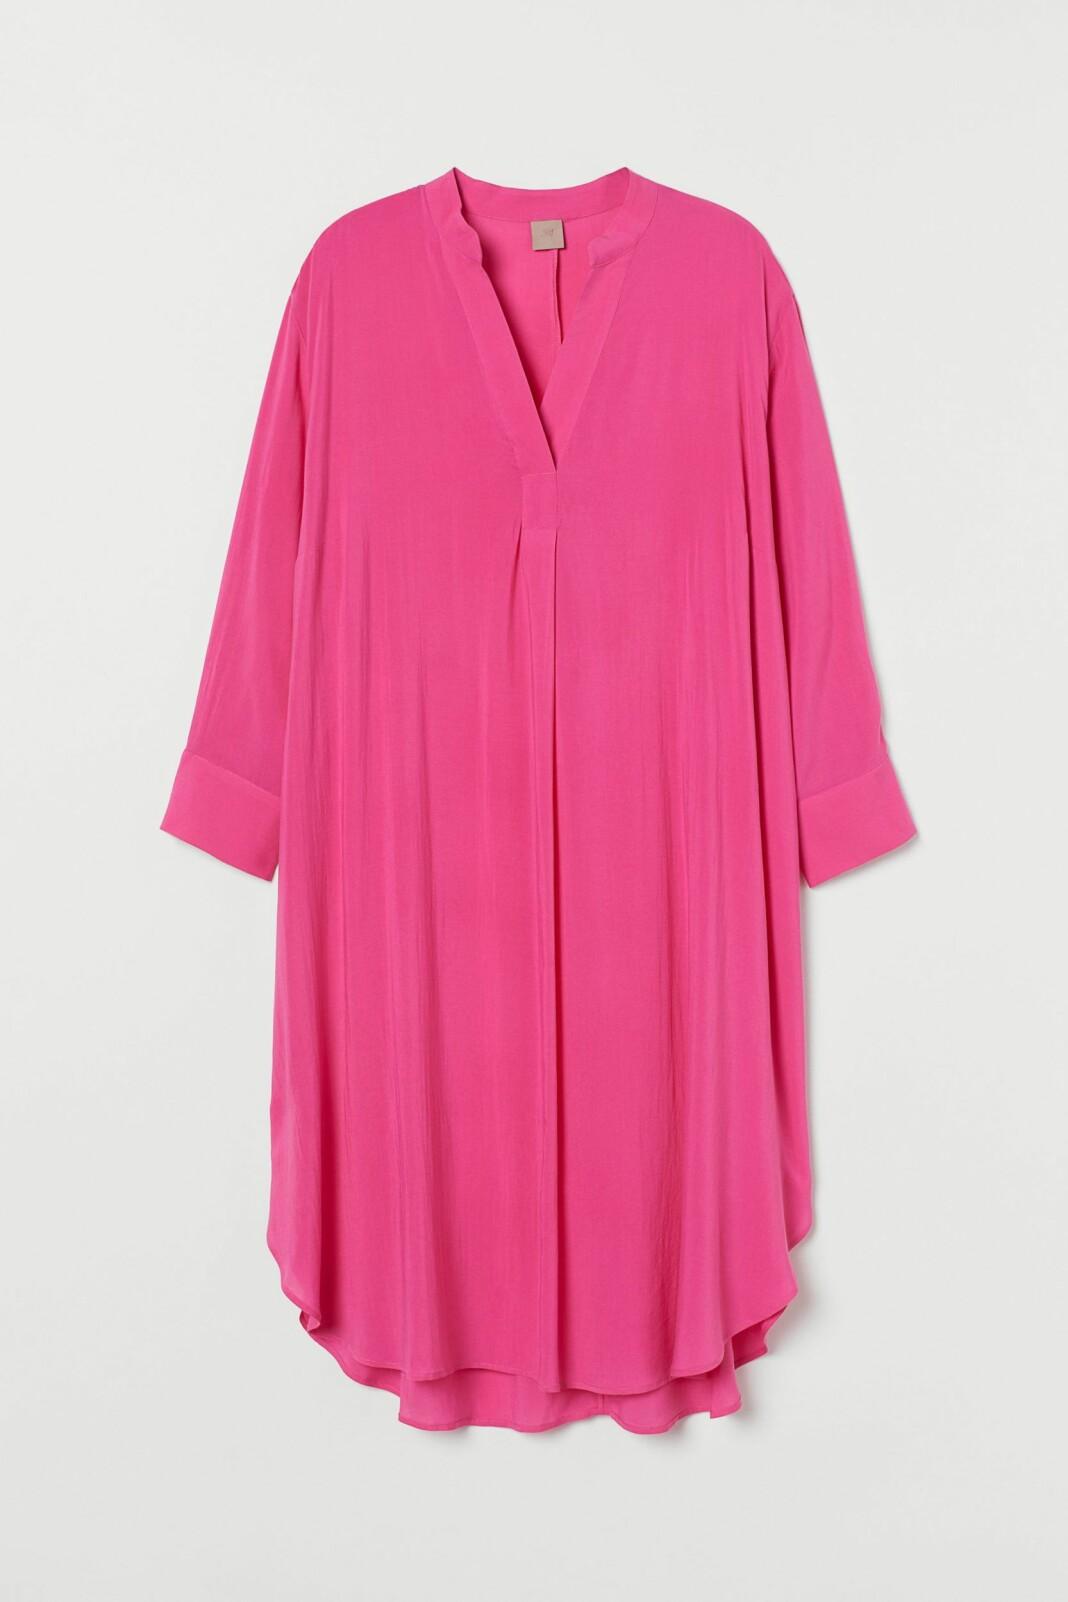 En skir vadlång klänning i vävd Tencel